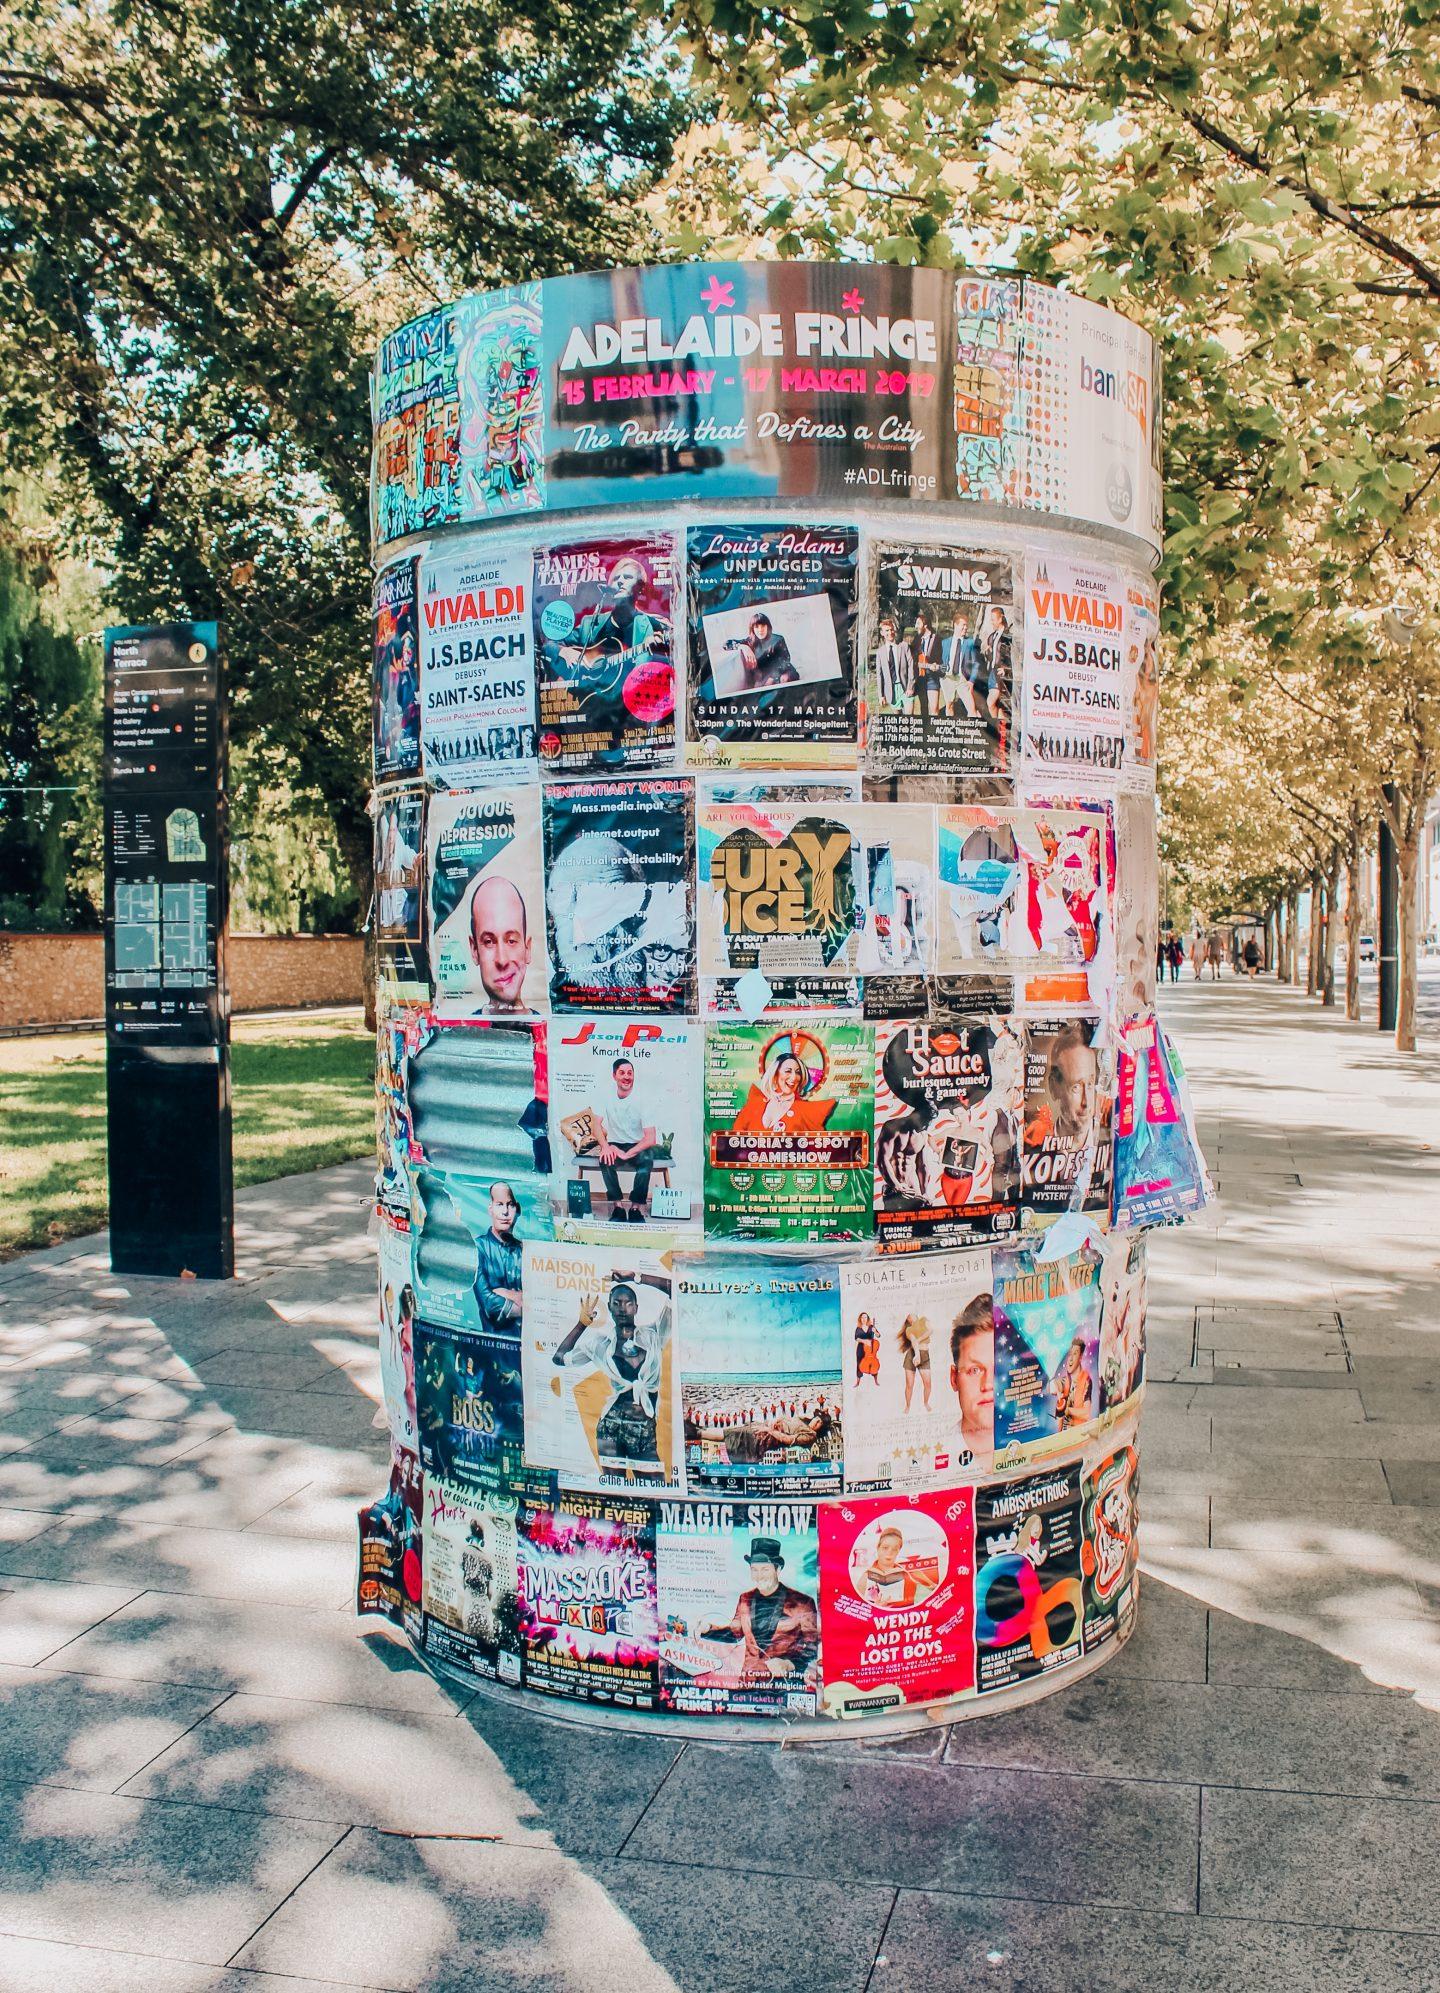 Advertisements for Adelaide's Fringe Festival.